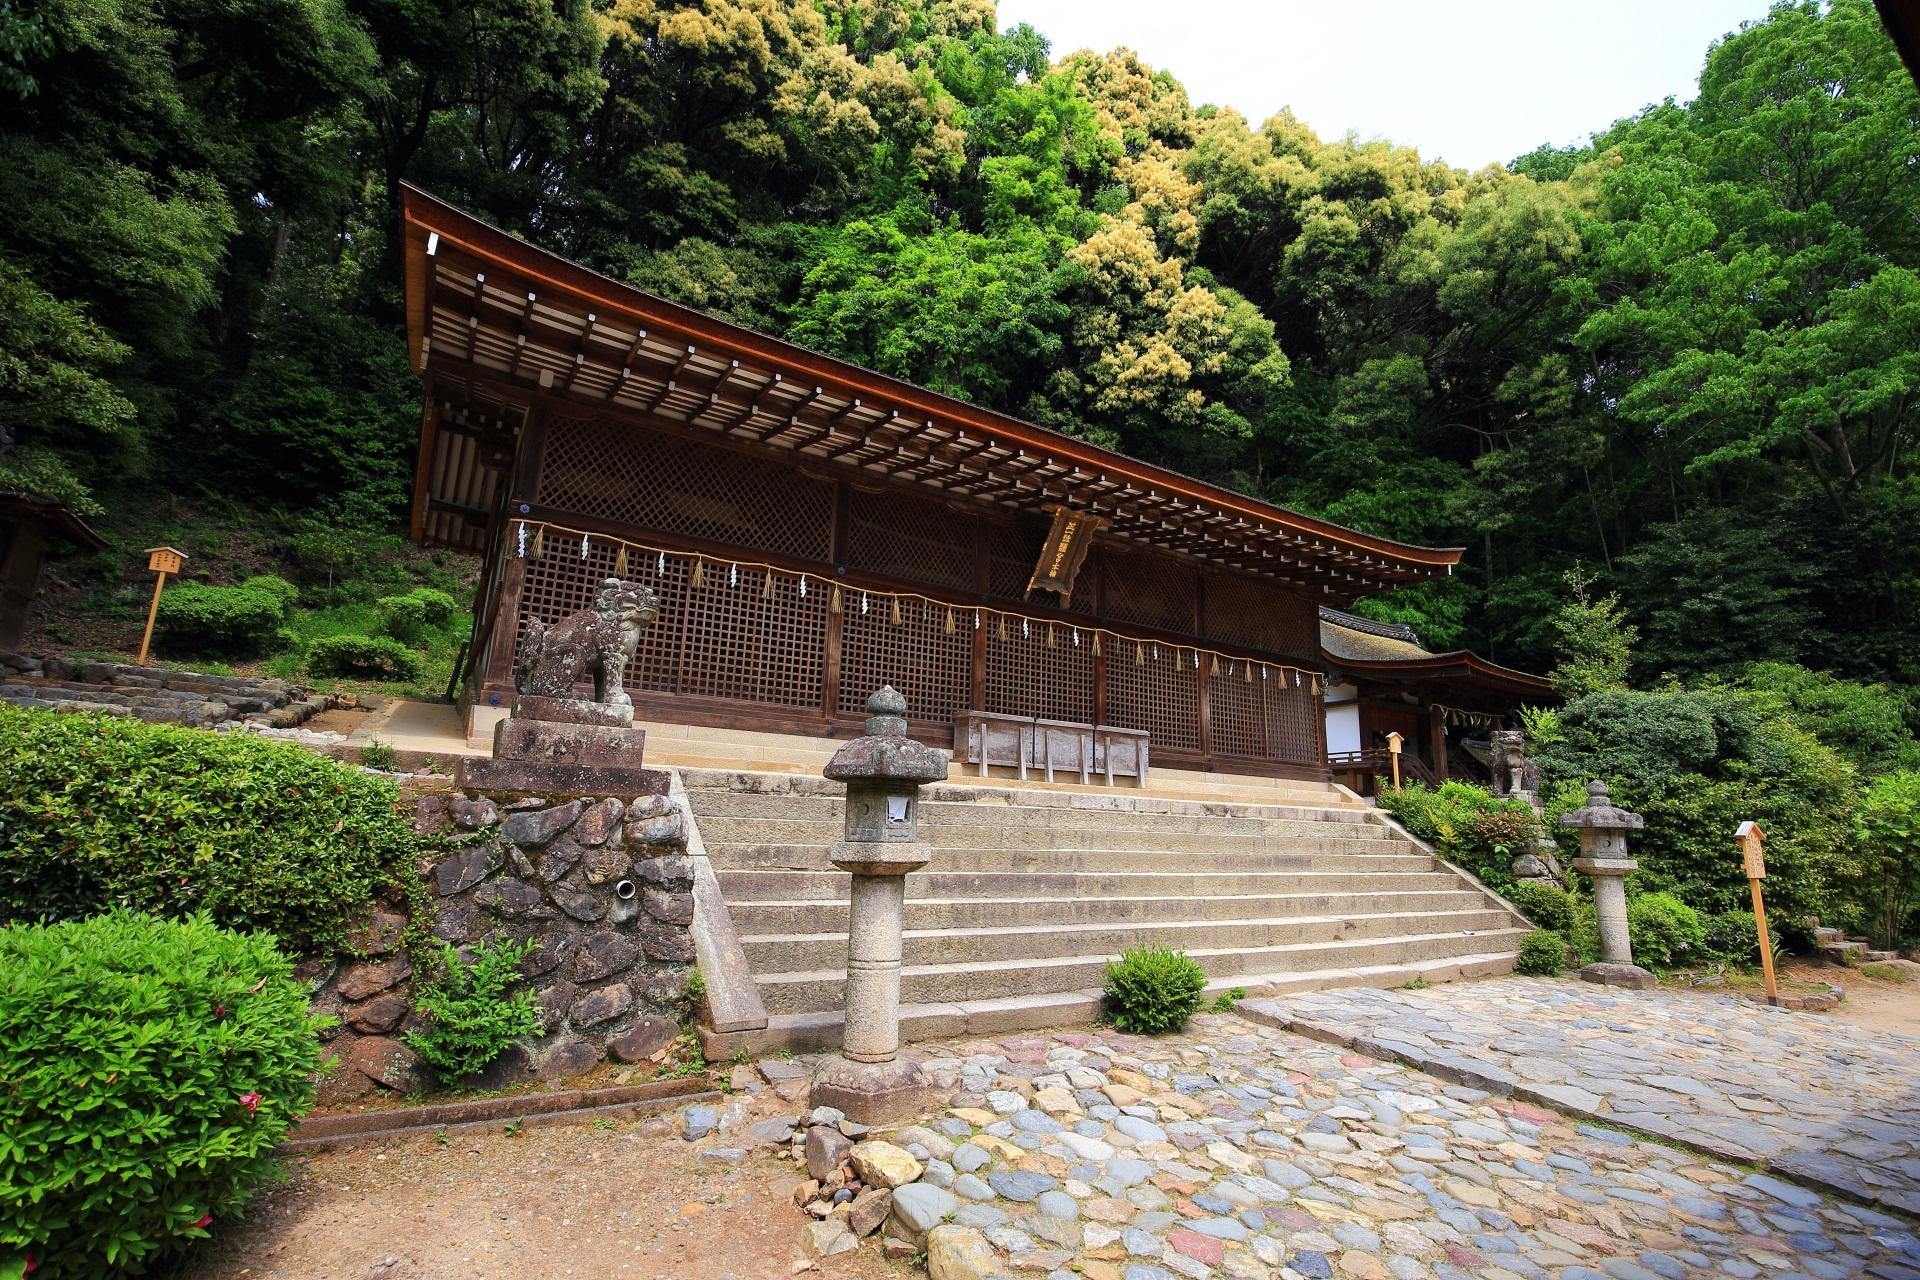 宇治上神社の最古の神社建築の本殿